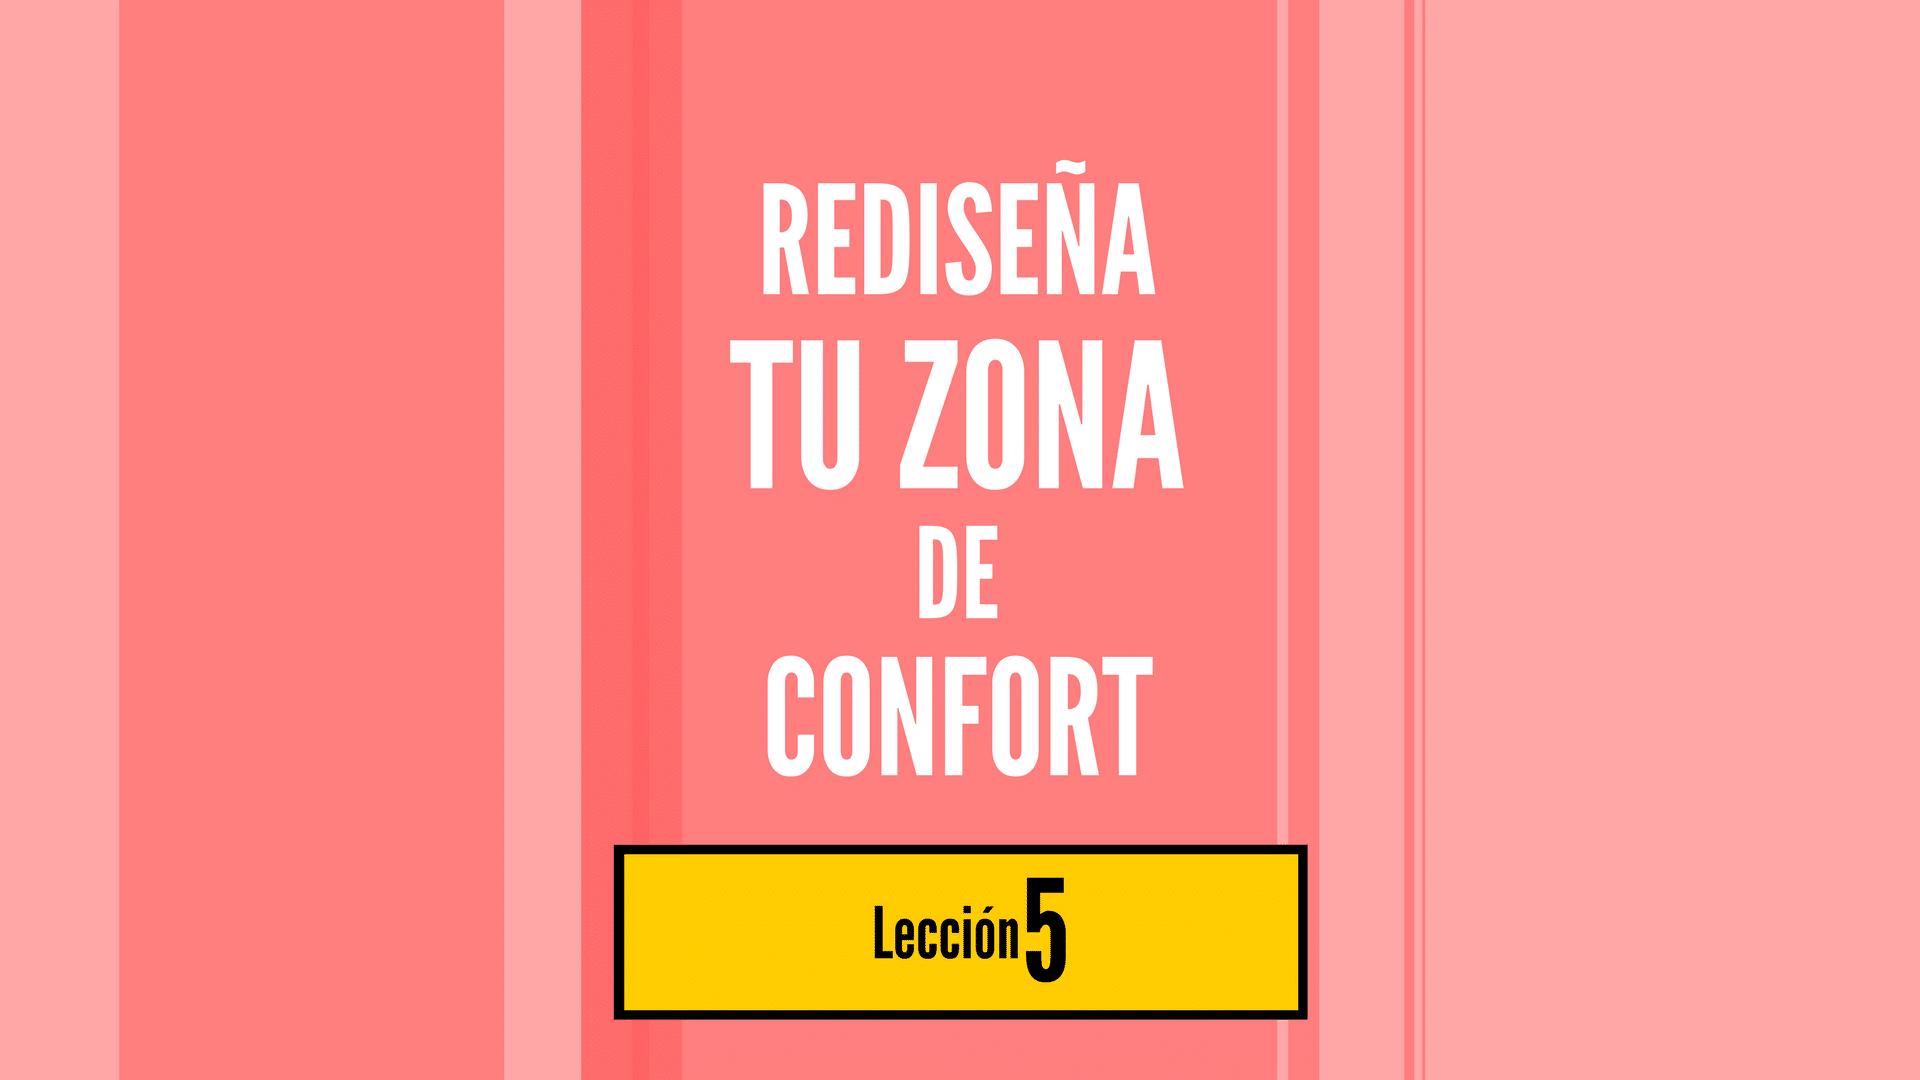 Rediseña Tu Zona de Confort, lección 5